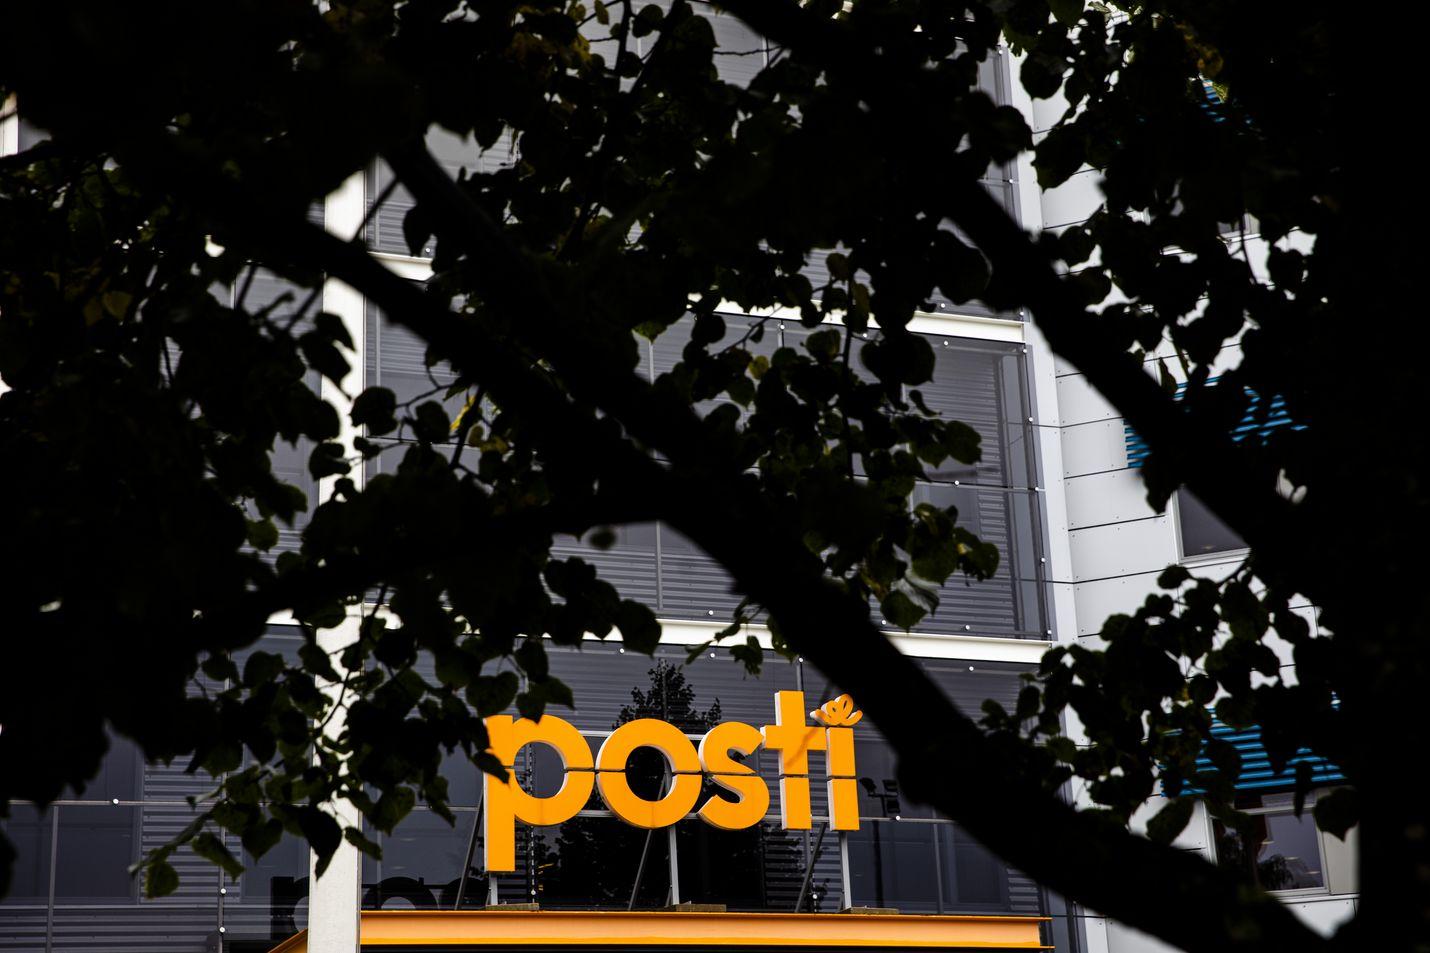 Posti on käynyt kuluvan vuoden aikana jo kolmet yt-neuvottelut. Yhtiön mukaan koronakriisi on vauhdittanut kirjepostin määrän laskua.